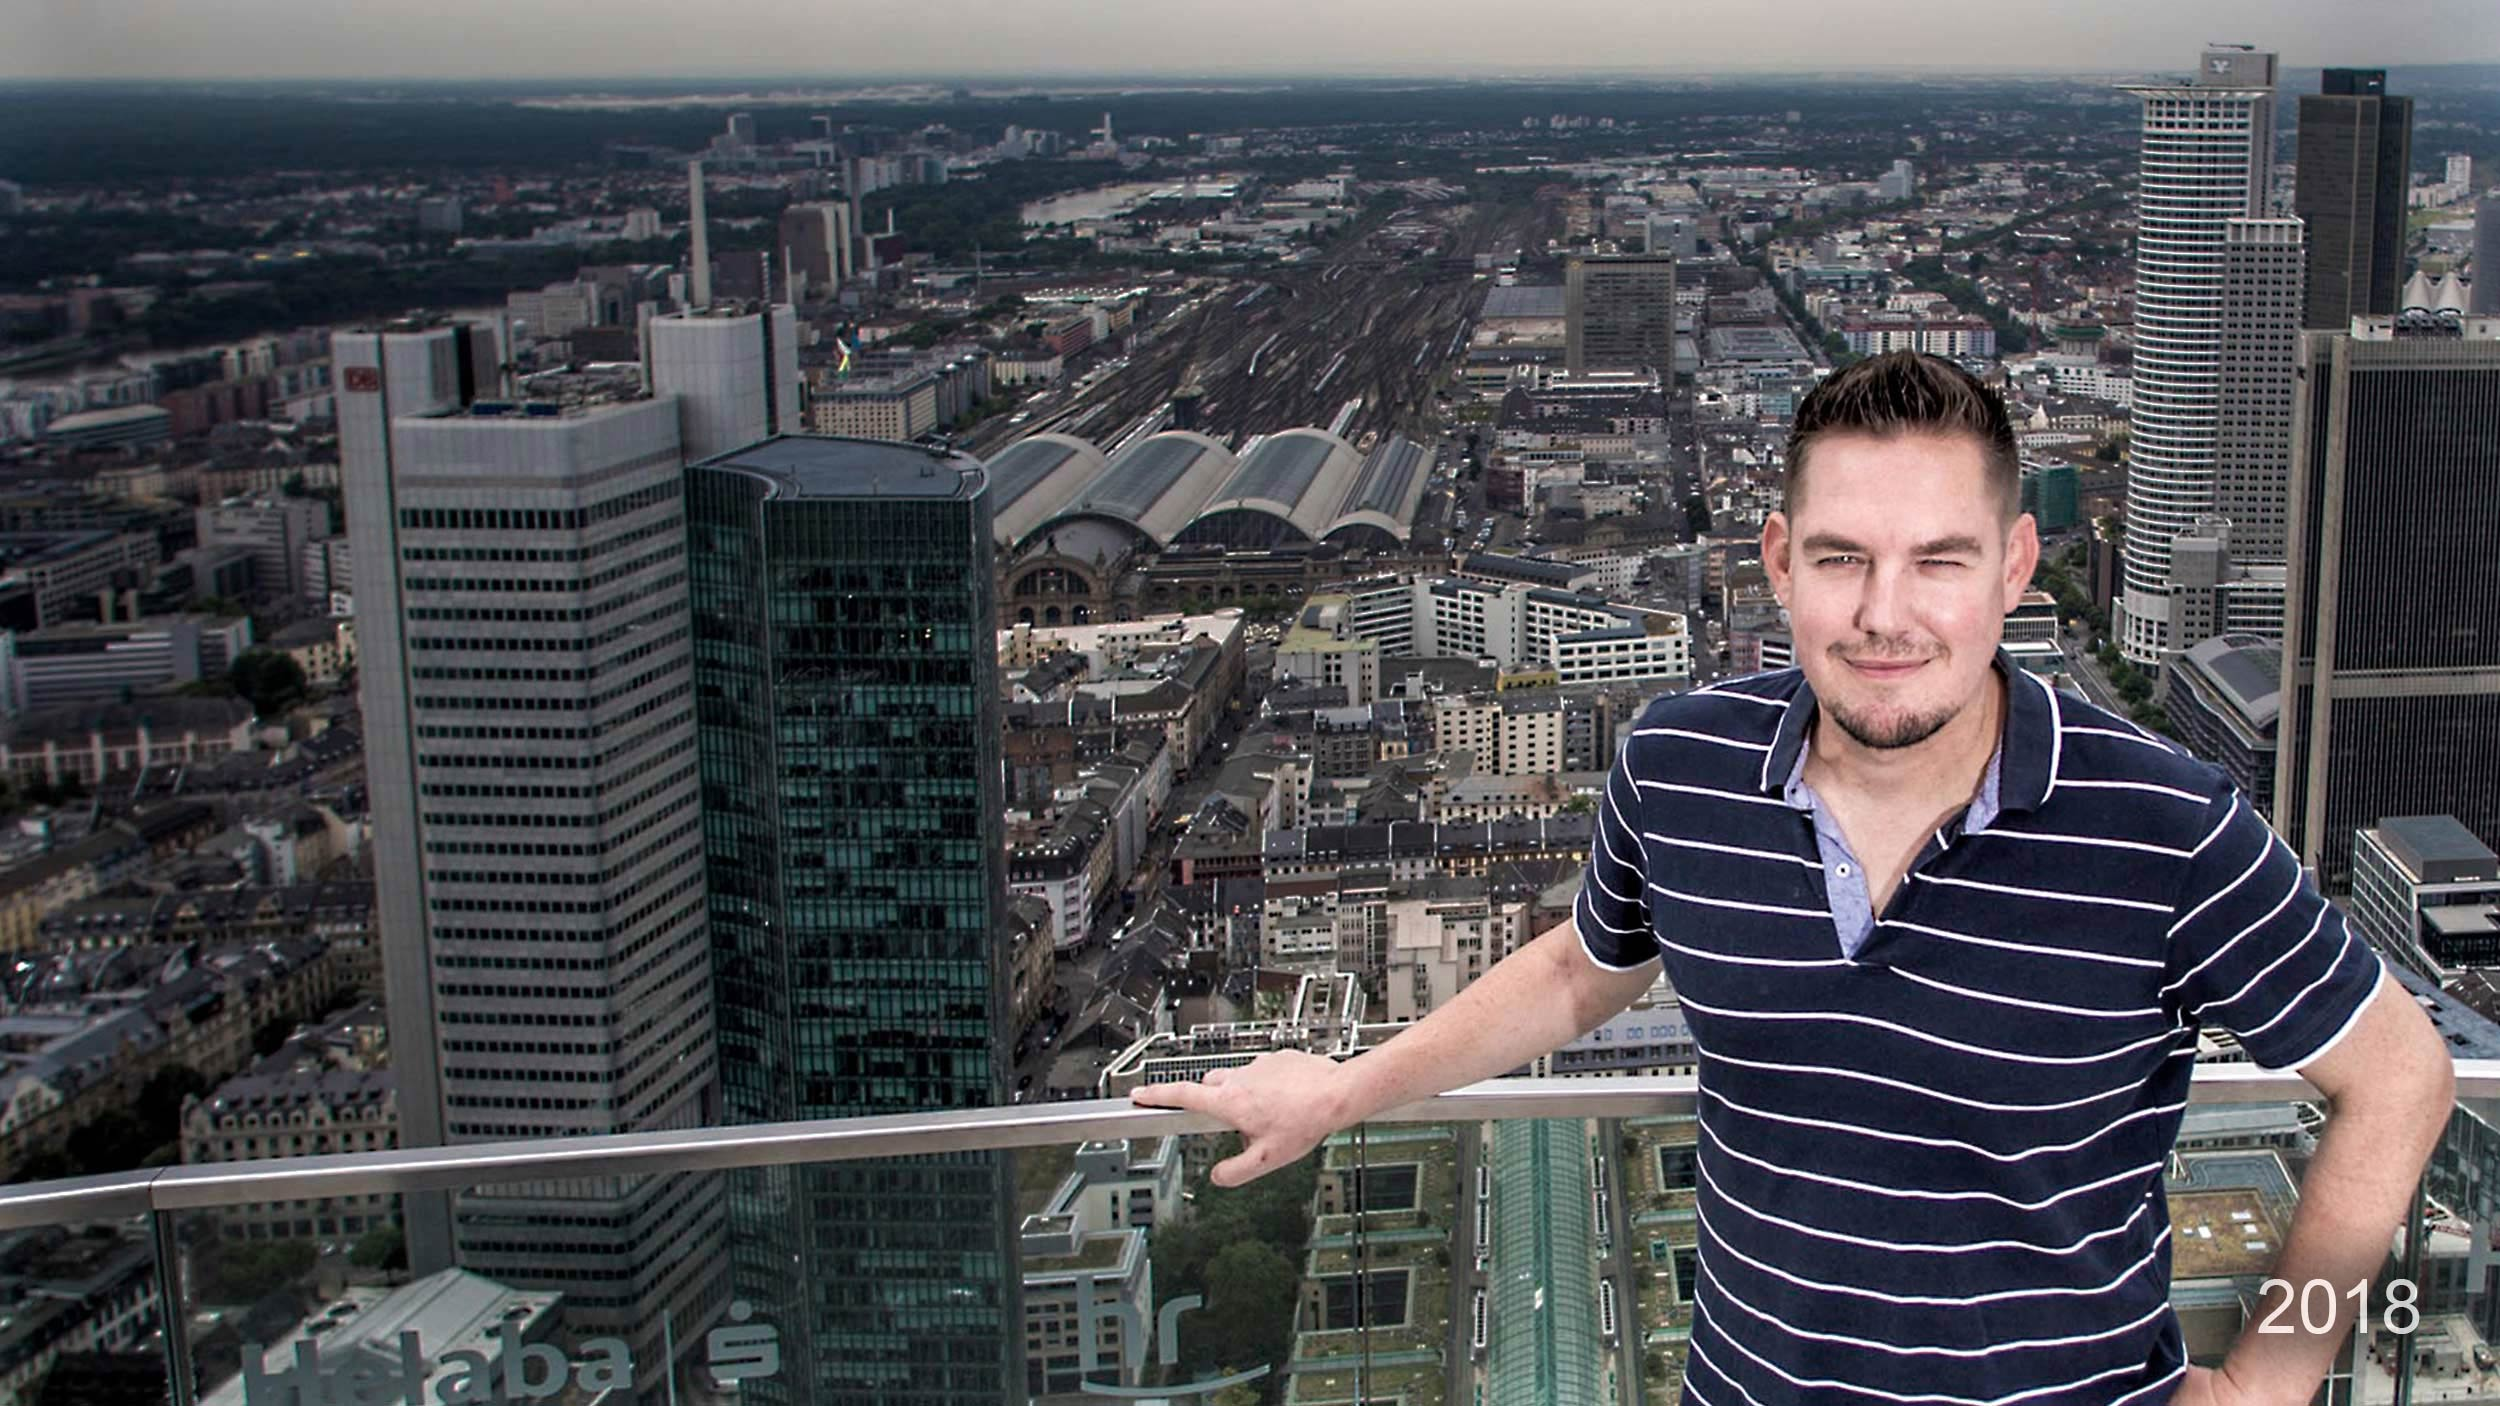 Michael Wutzke ist ein Web Solutions Architekt, Programmierer und IT-Projektmanager in Frankfurt am Main